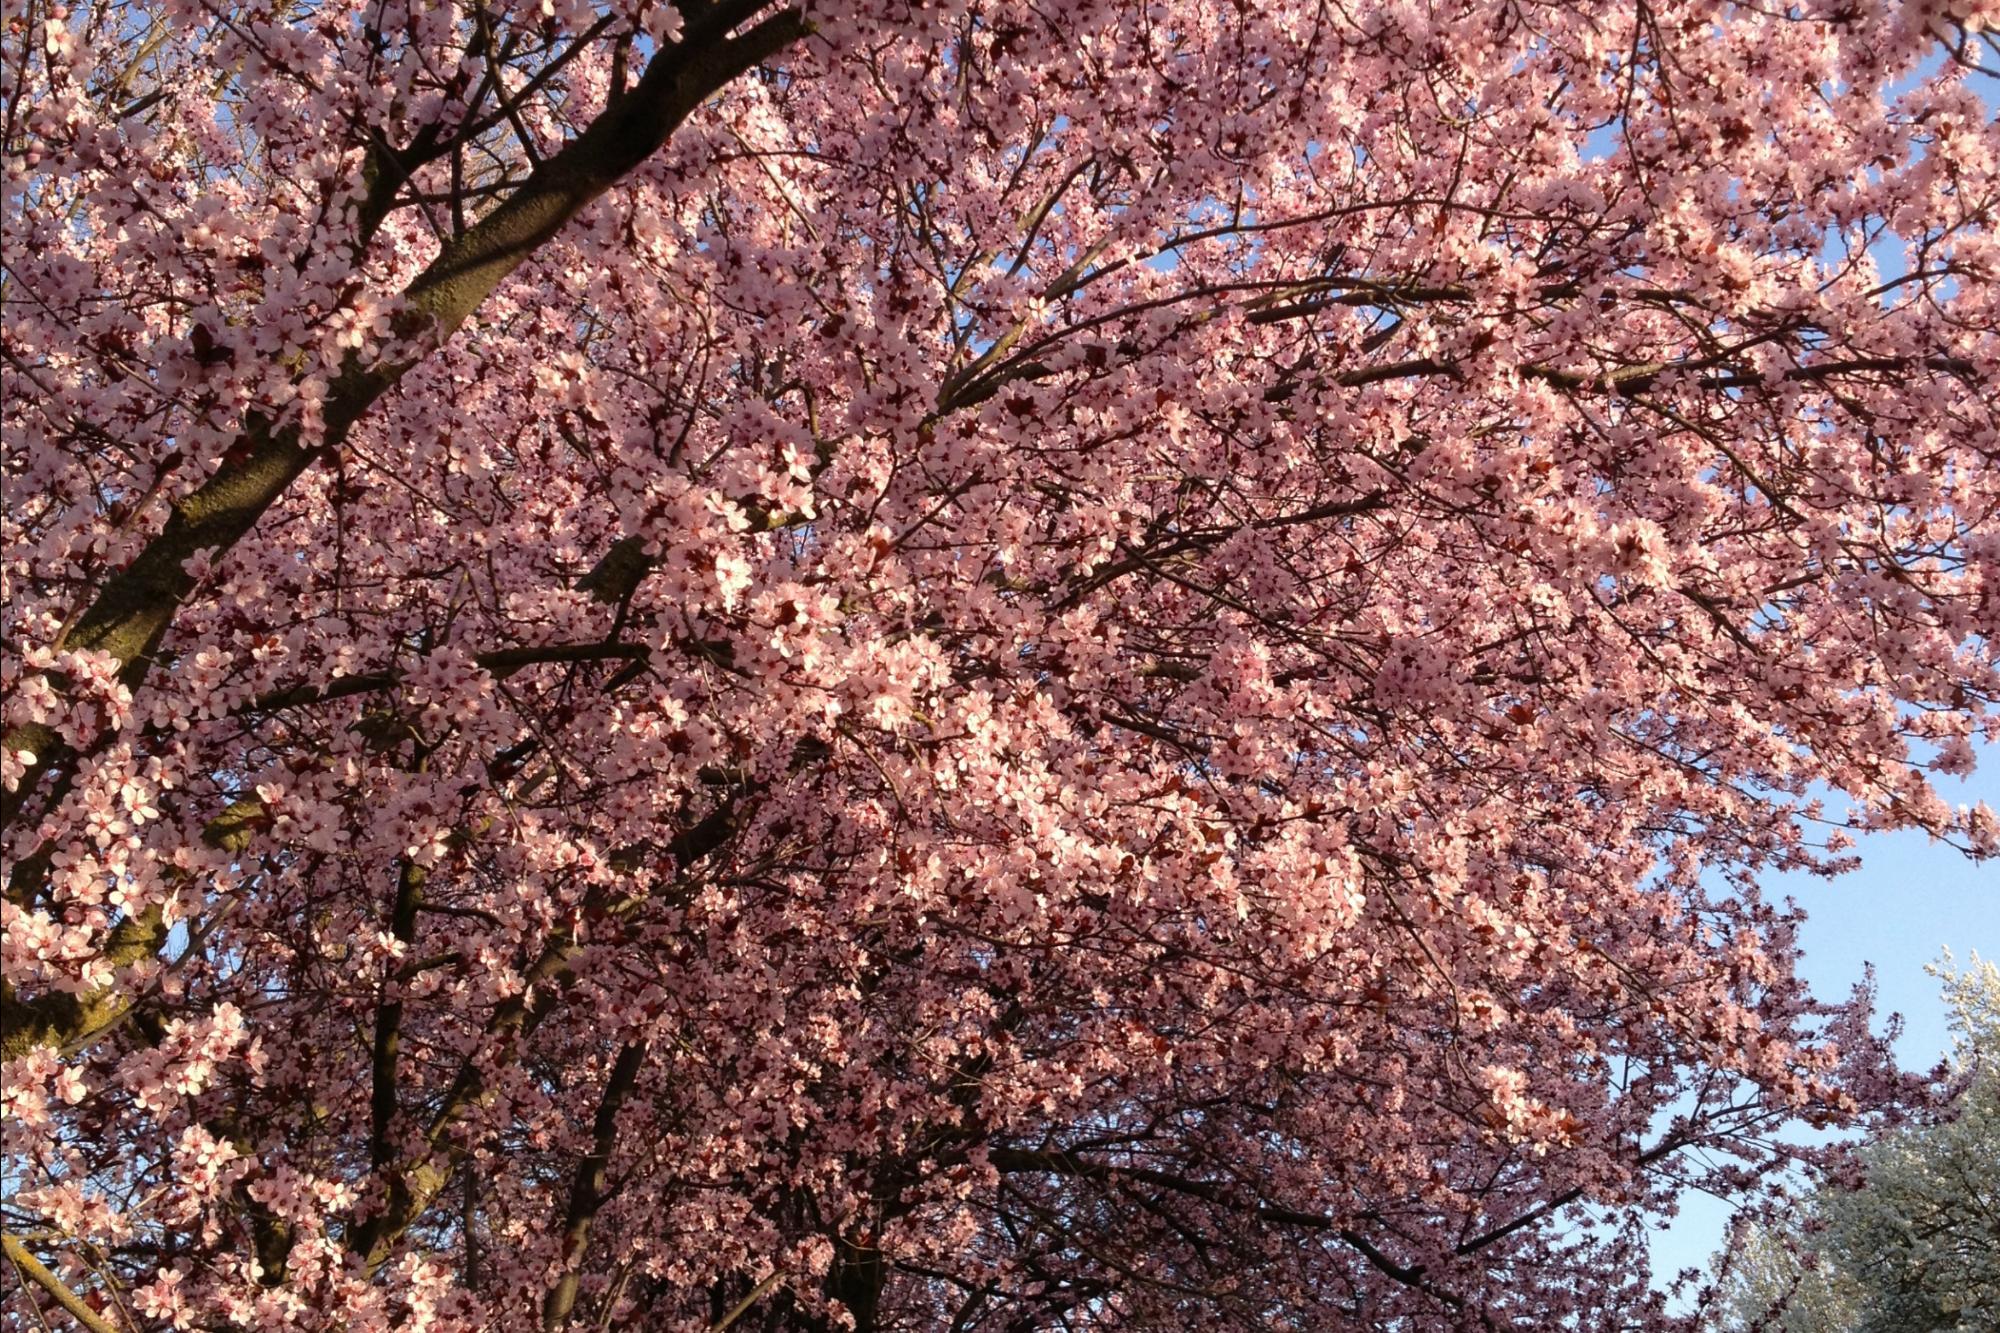 Flowering Plum blogpost